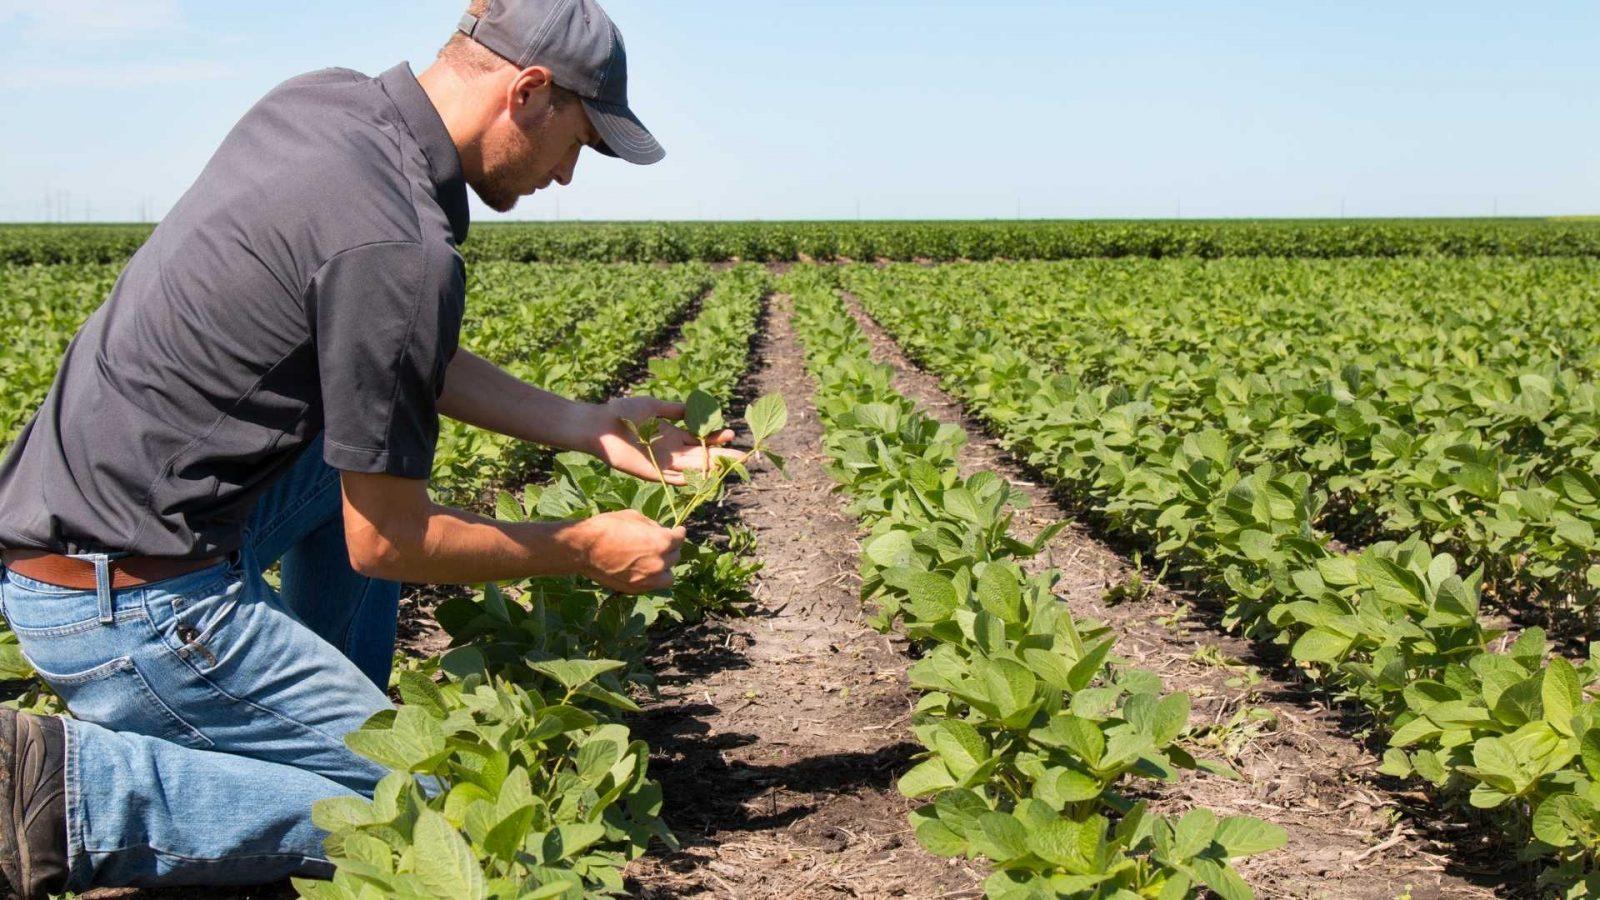 Agricoltura e Attrezzature per agricoltura professionali